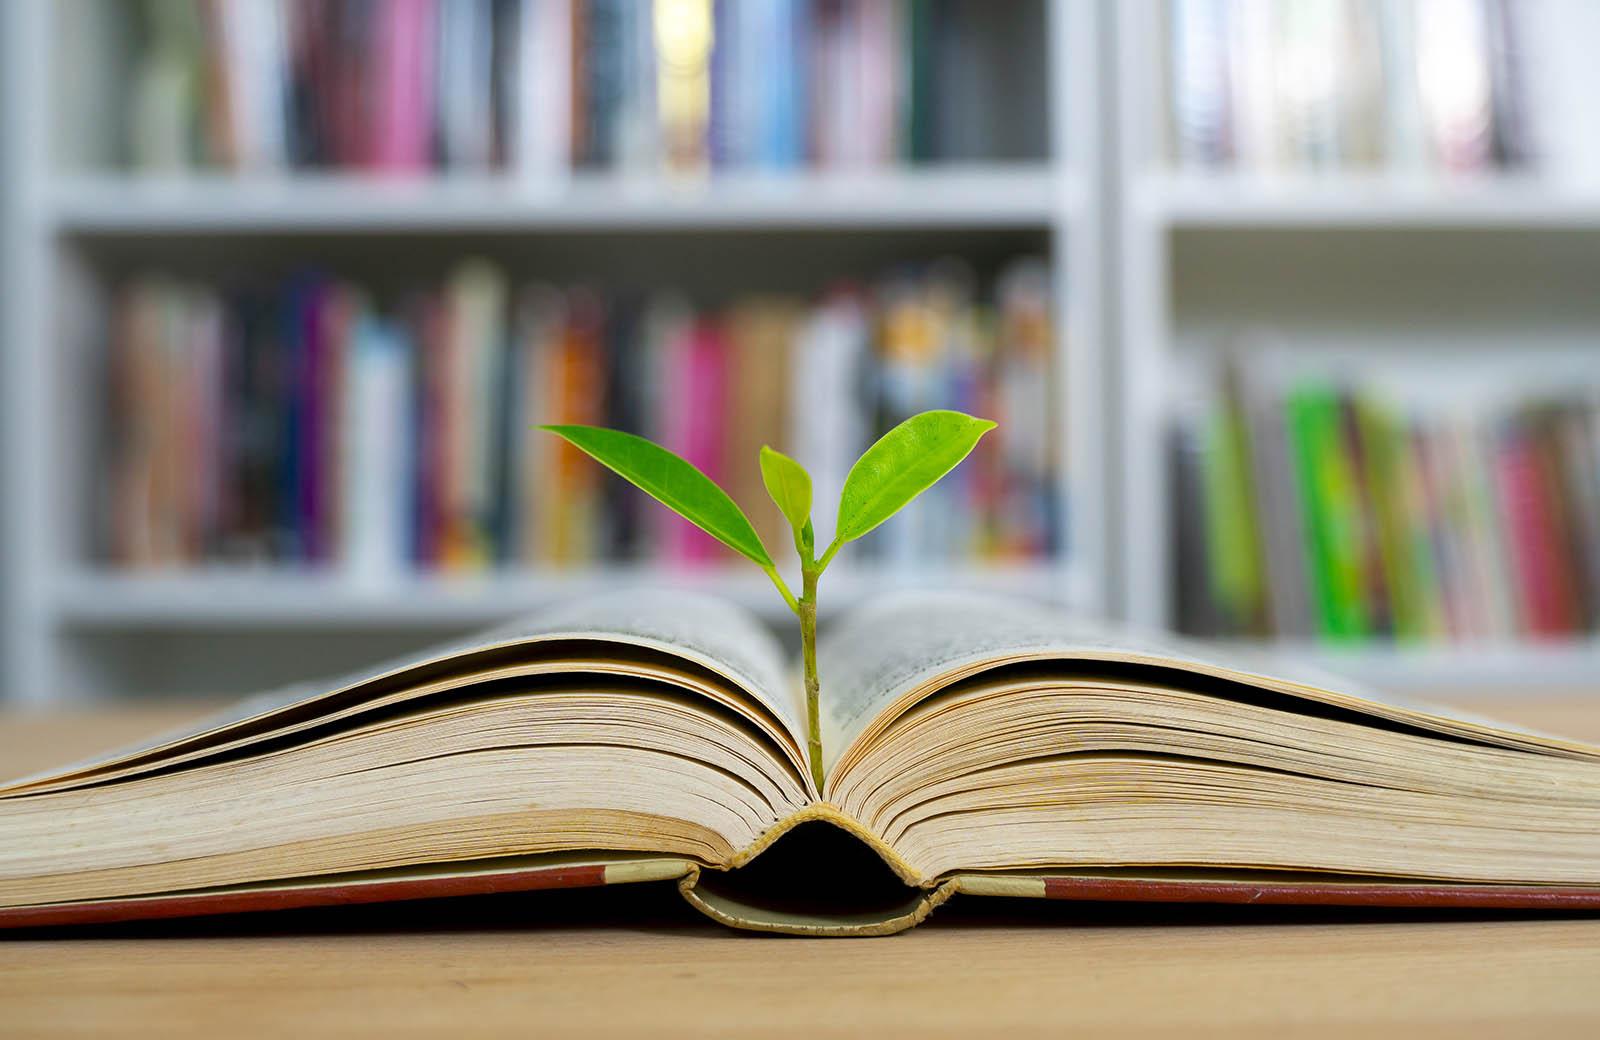 کتابهای پولساز و مطالعه ی هدفمند